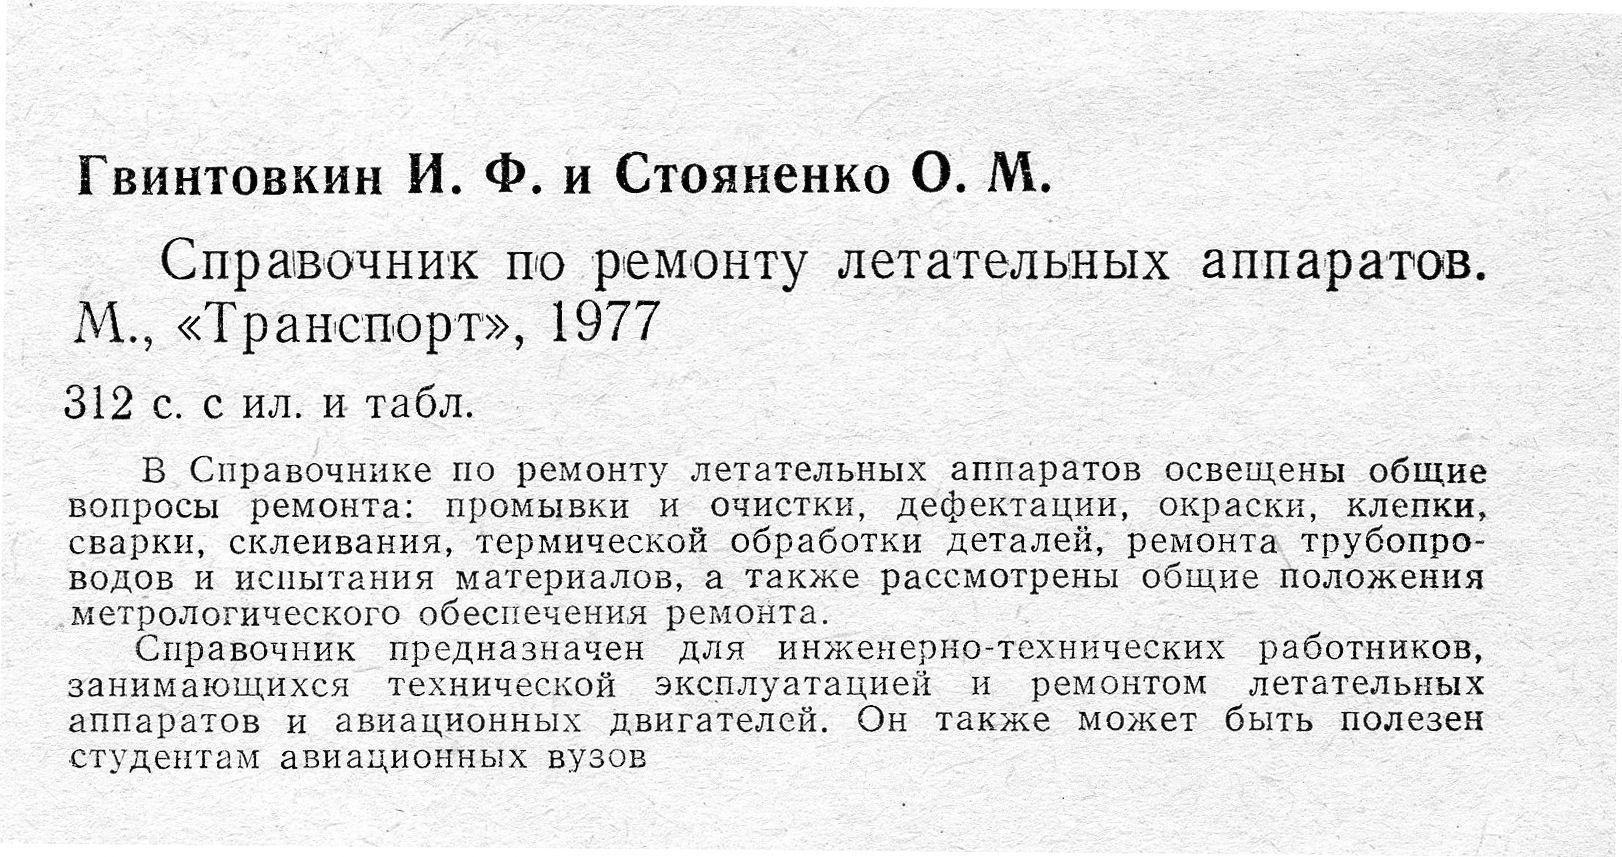 Справочник по ремонту ВС ГА 1977.jpg